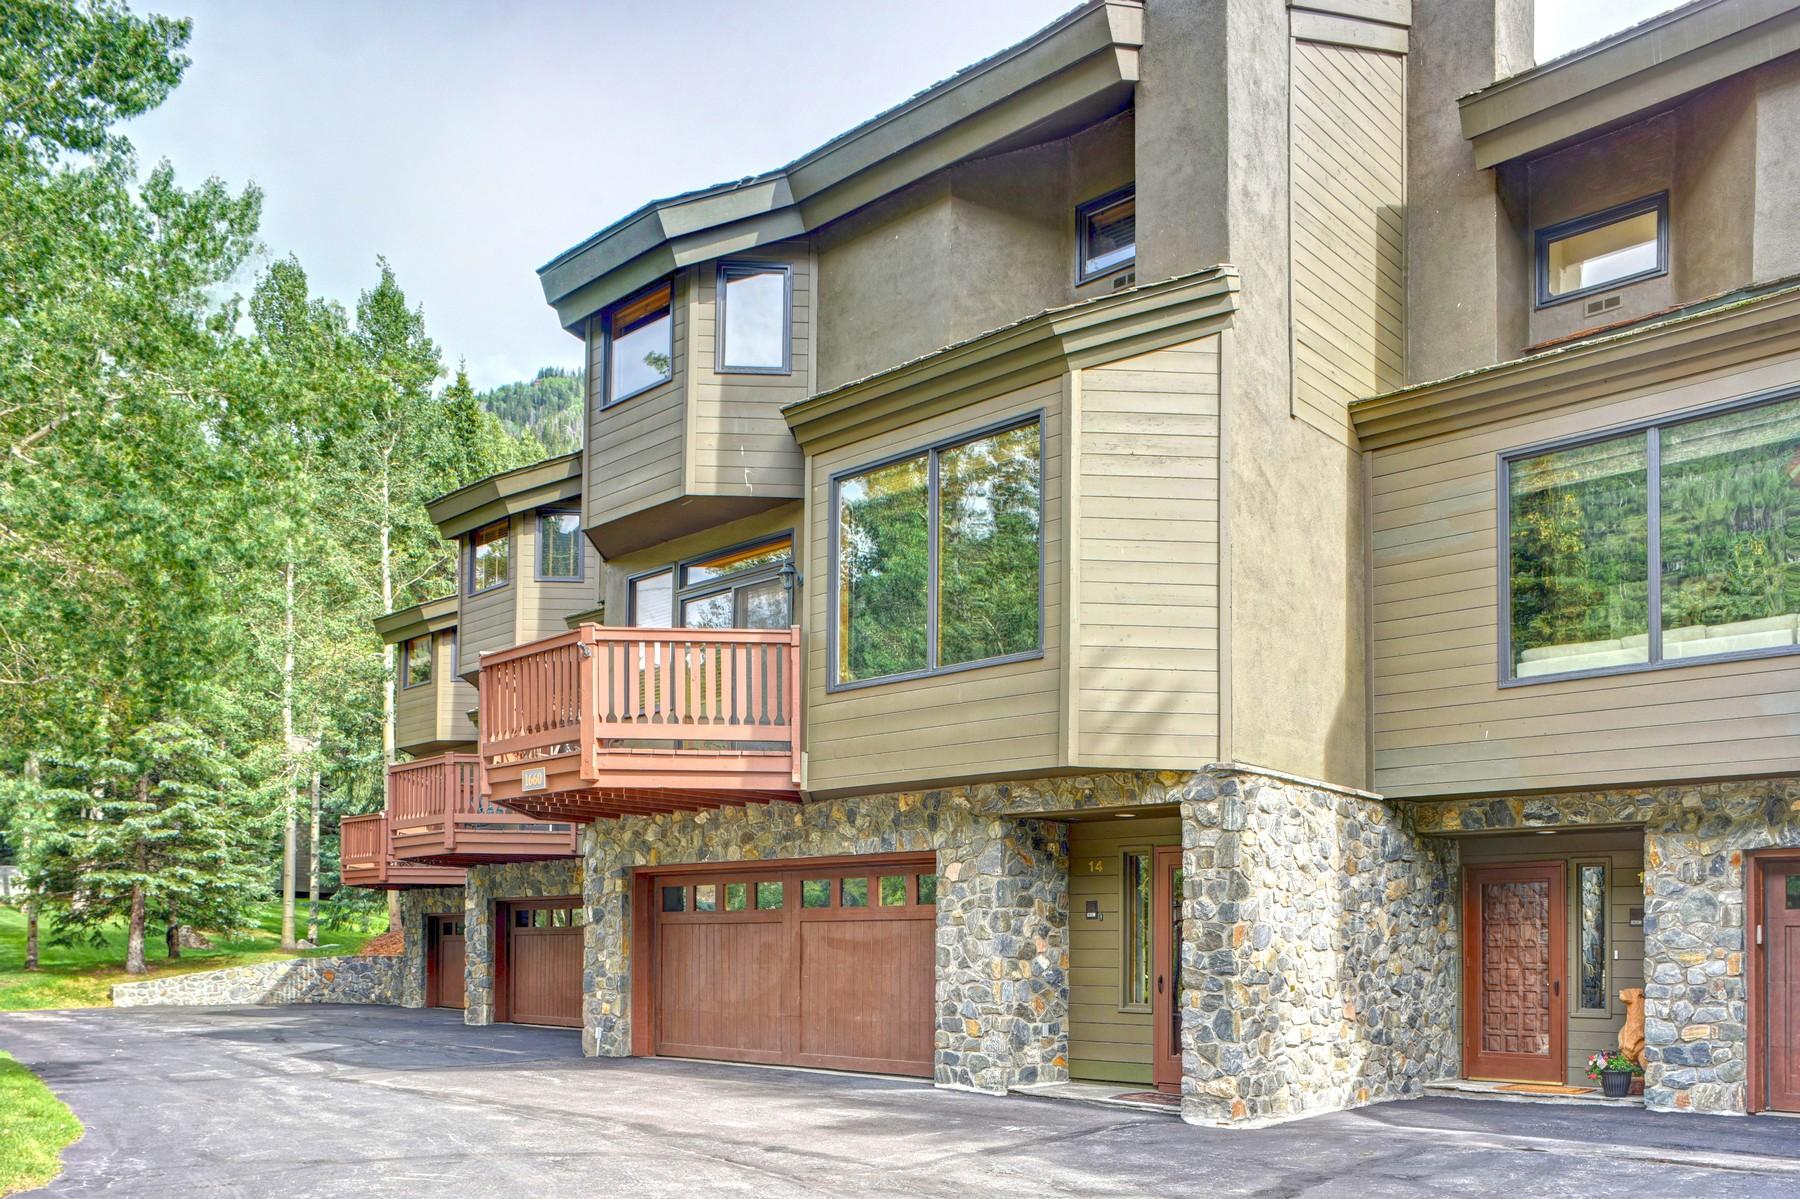 Townhouse for Sale at 1660 Sunburst 1660 Sunburst Dr #D14 Vail, Colorado, 81657 United States